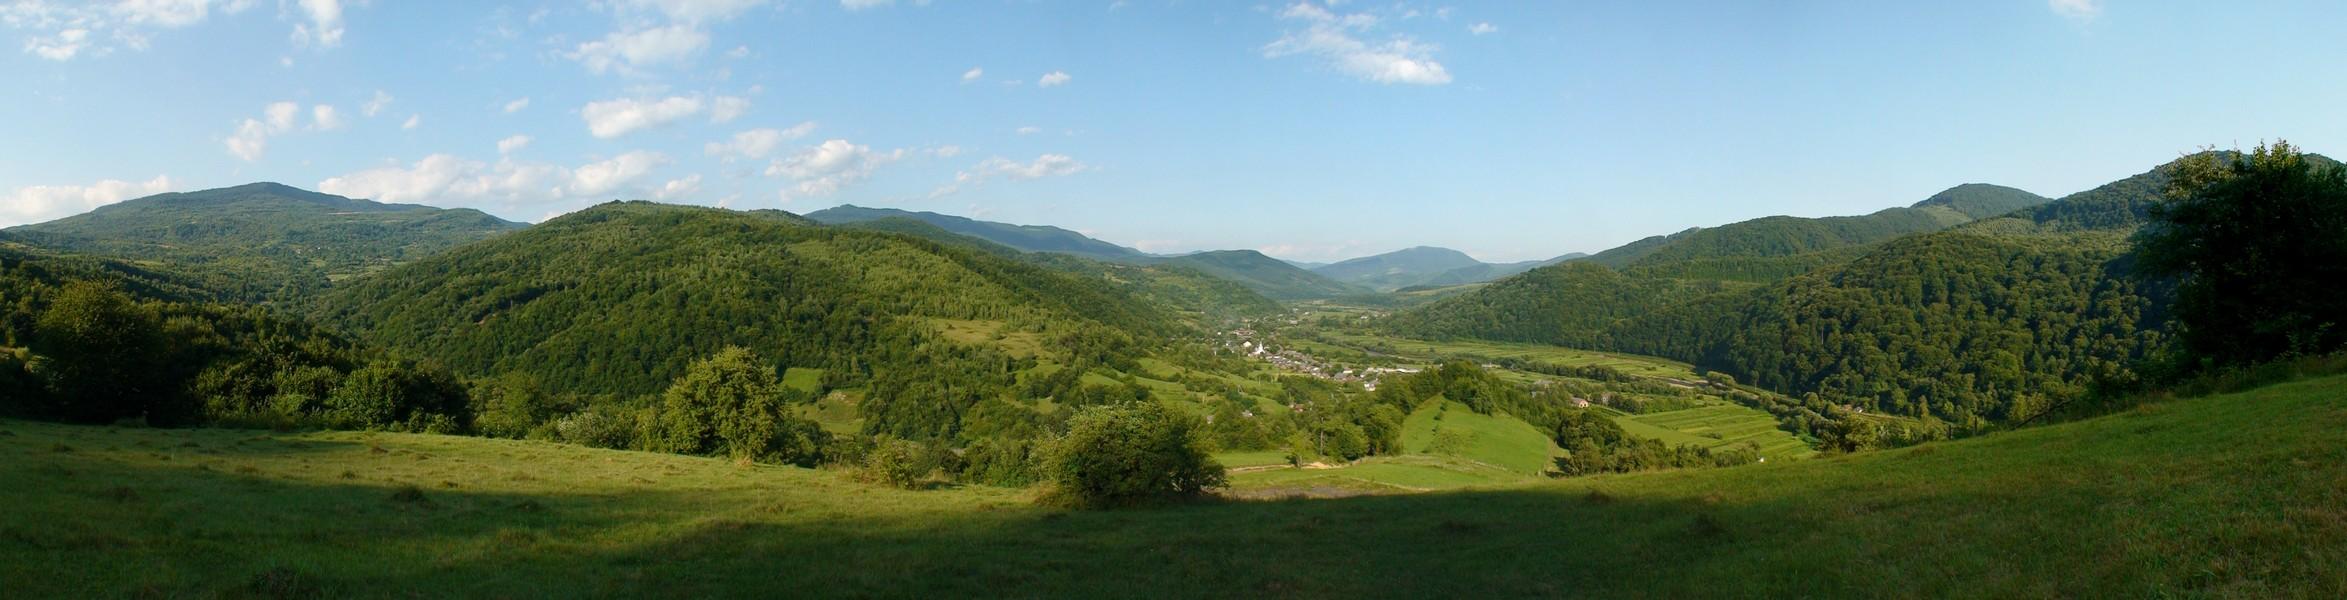 Туры по Закарпатью со встречей Пасхи